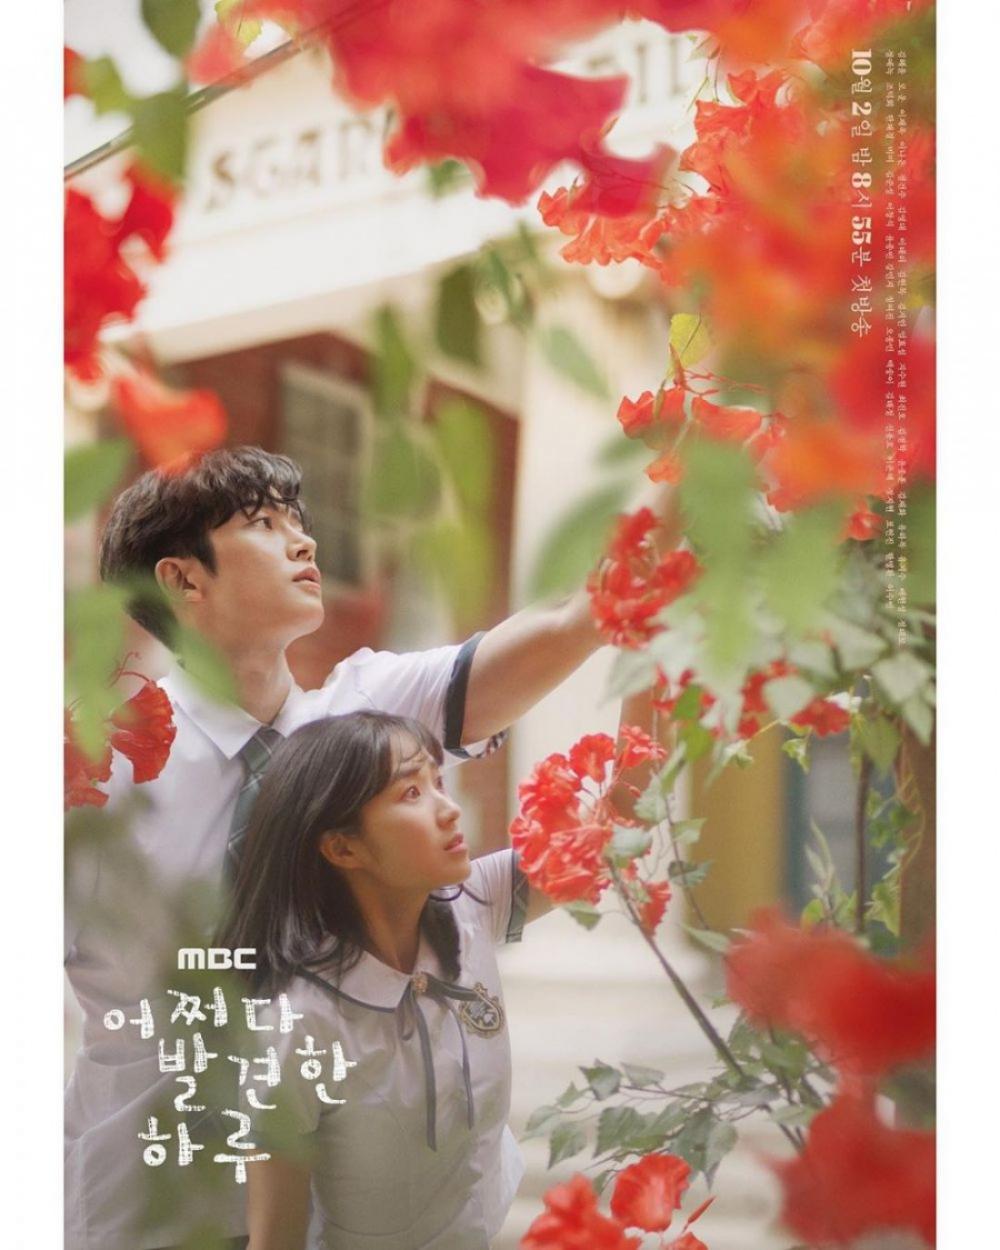 Ver Dorama Extraordinary You Sub Español Descargar Extraordinary You Online Gratis Drama Korea Korean Drama Mbc Drama